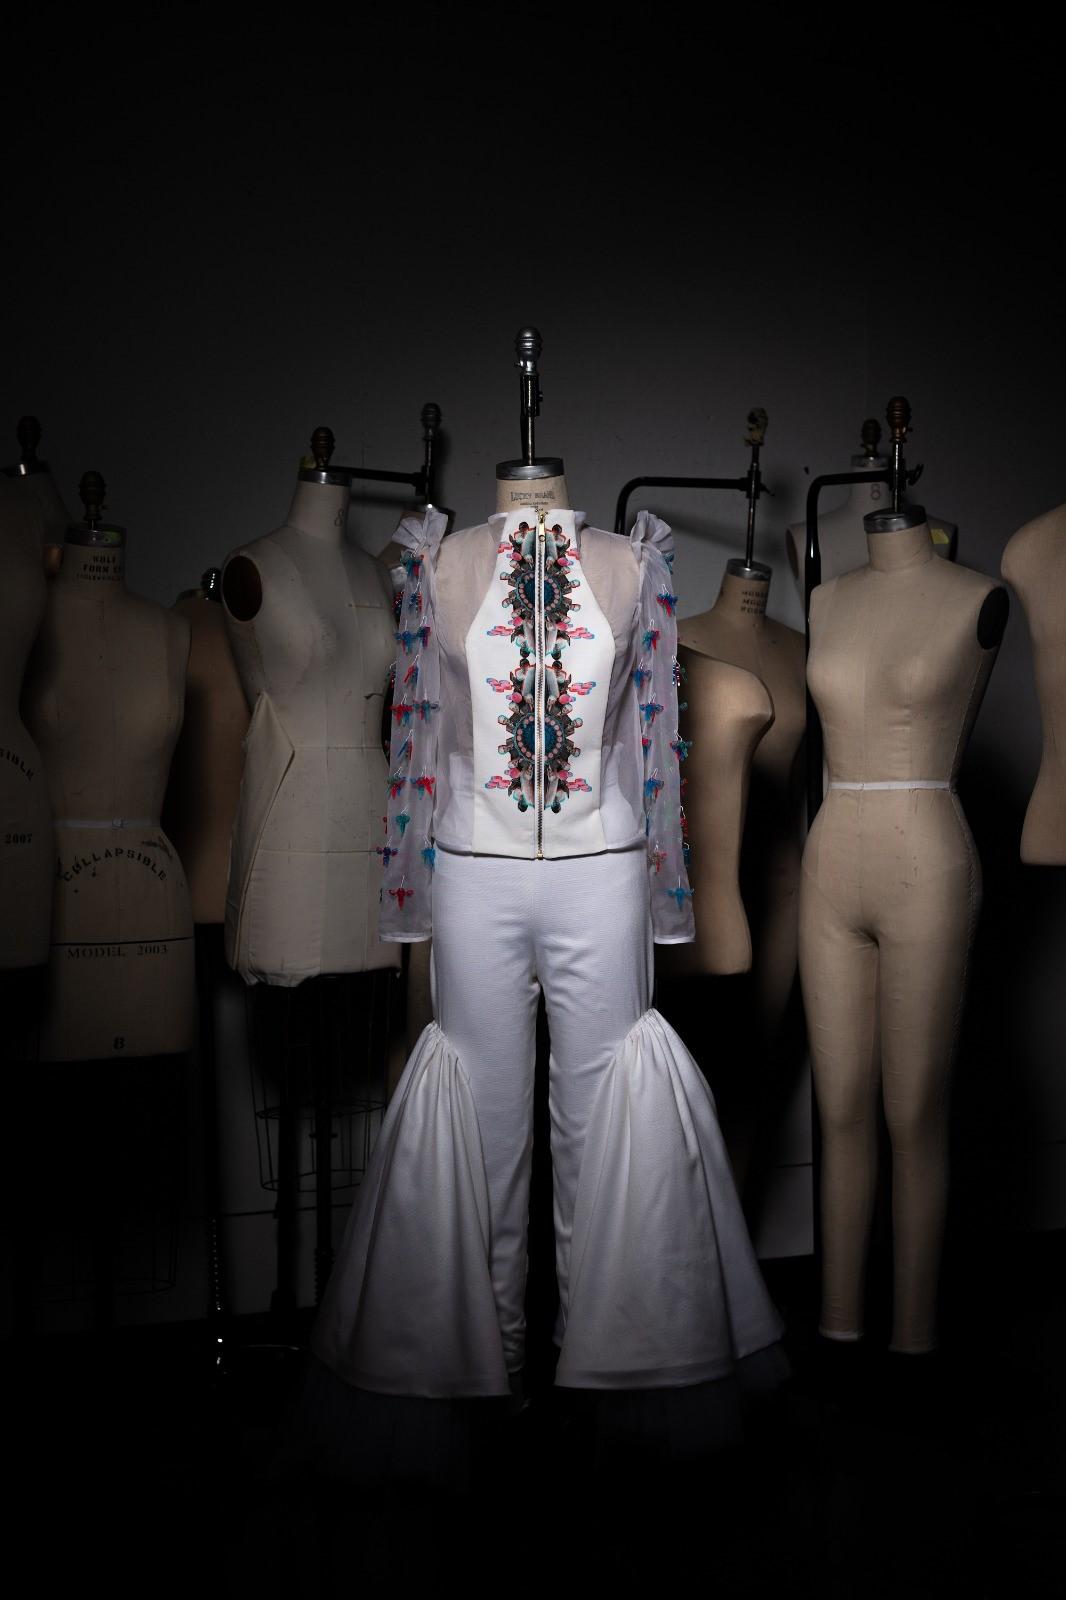 Conjunto perteneciente a la colección Stranded, presentada en París en 2018. (Suministrada/ Frankie Photography)